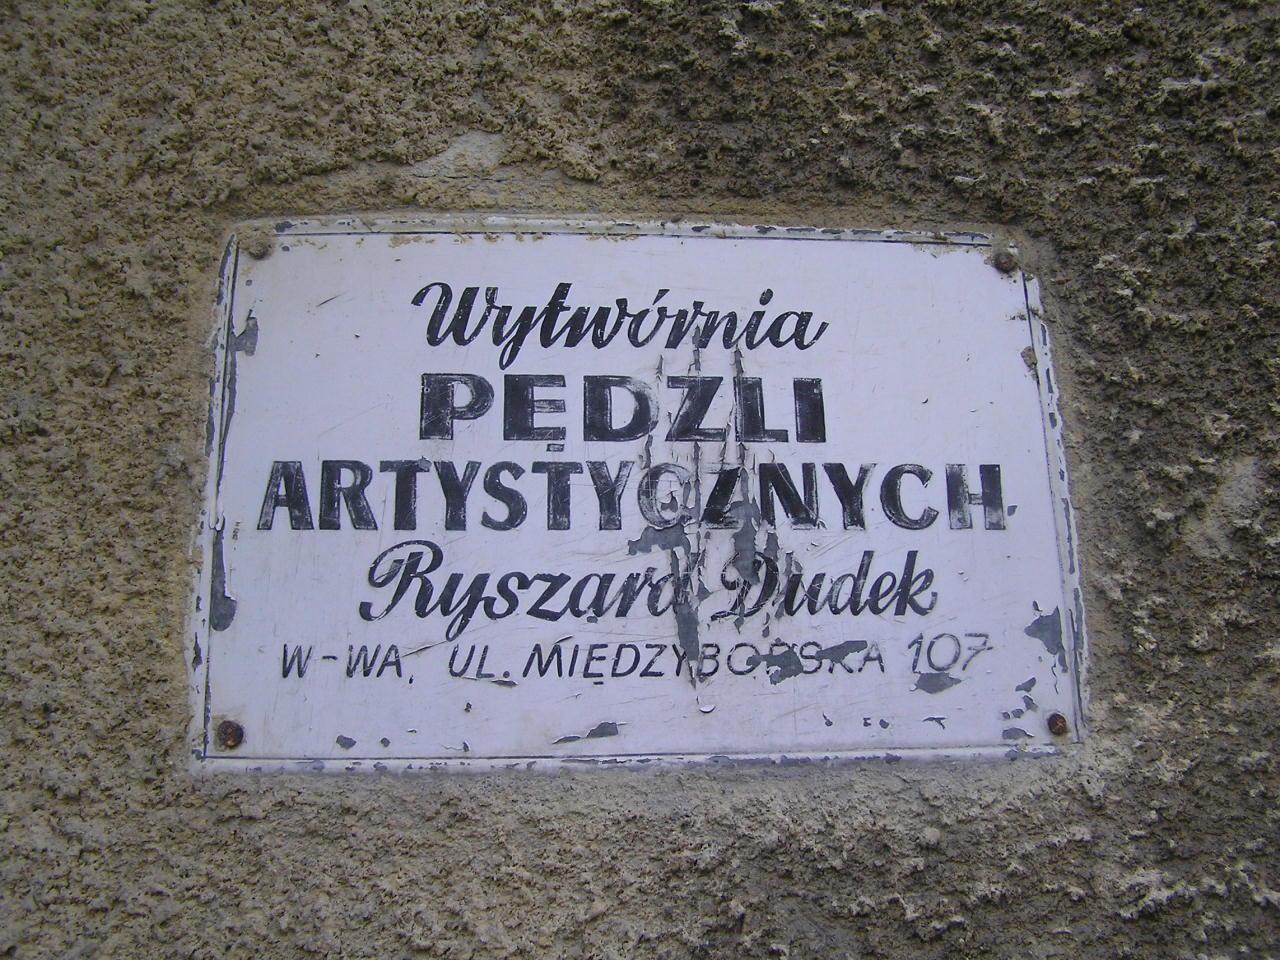 Tabliczka reklamowa - Międzyborska 107